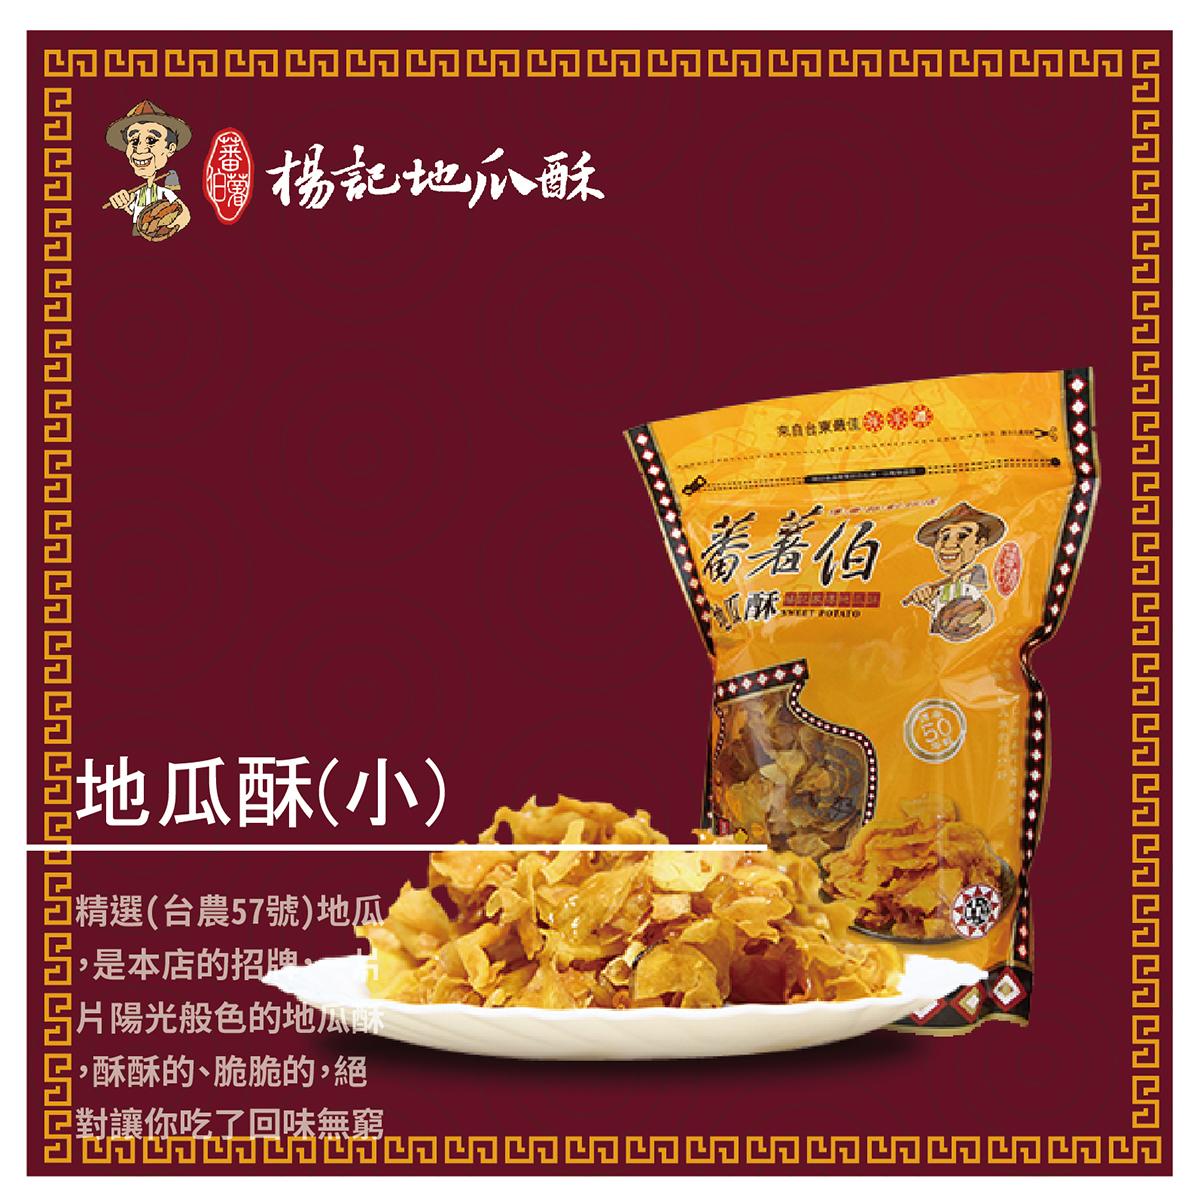 【蕃薯伯楊記家傳地瓜酥】招牌地瓜酥(小)175g